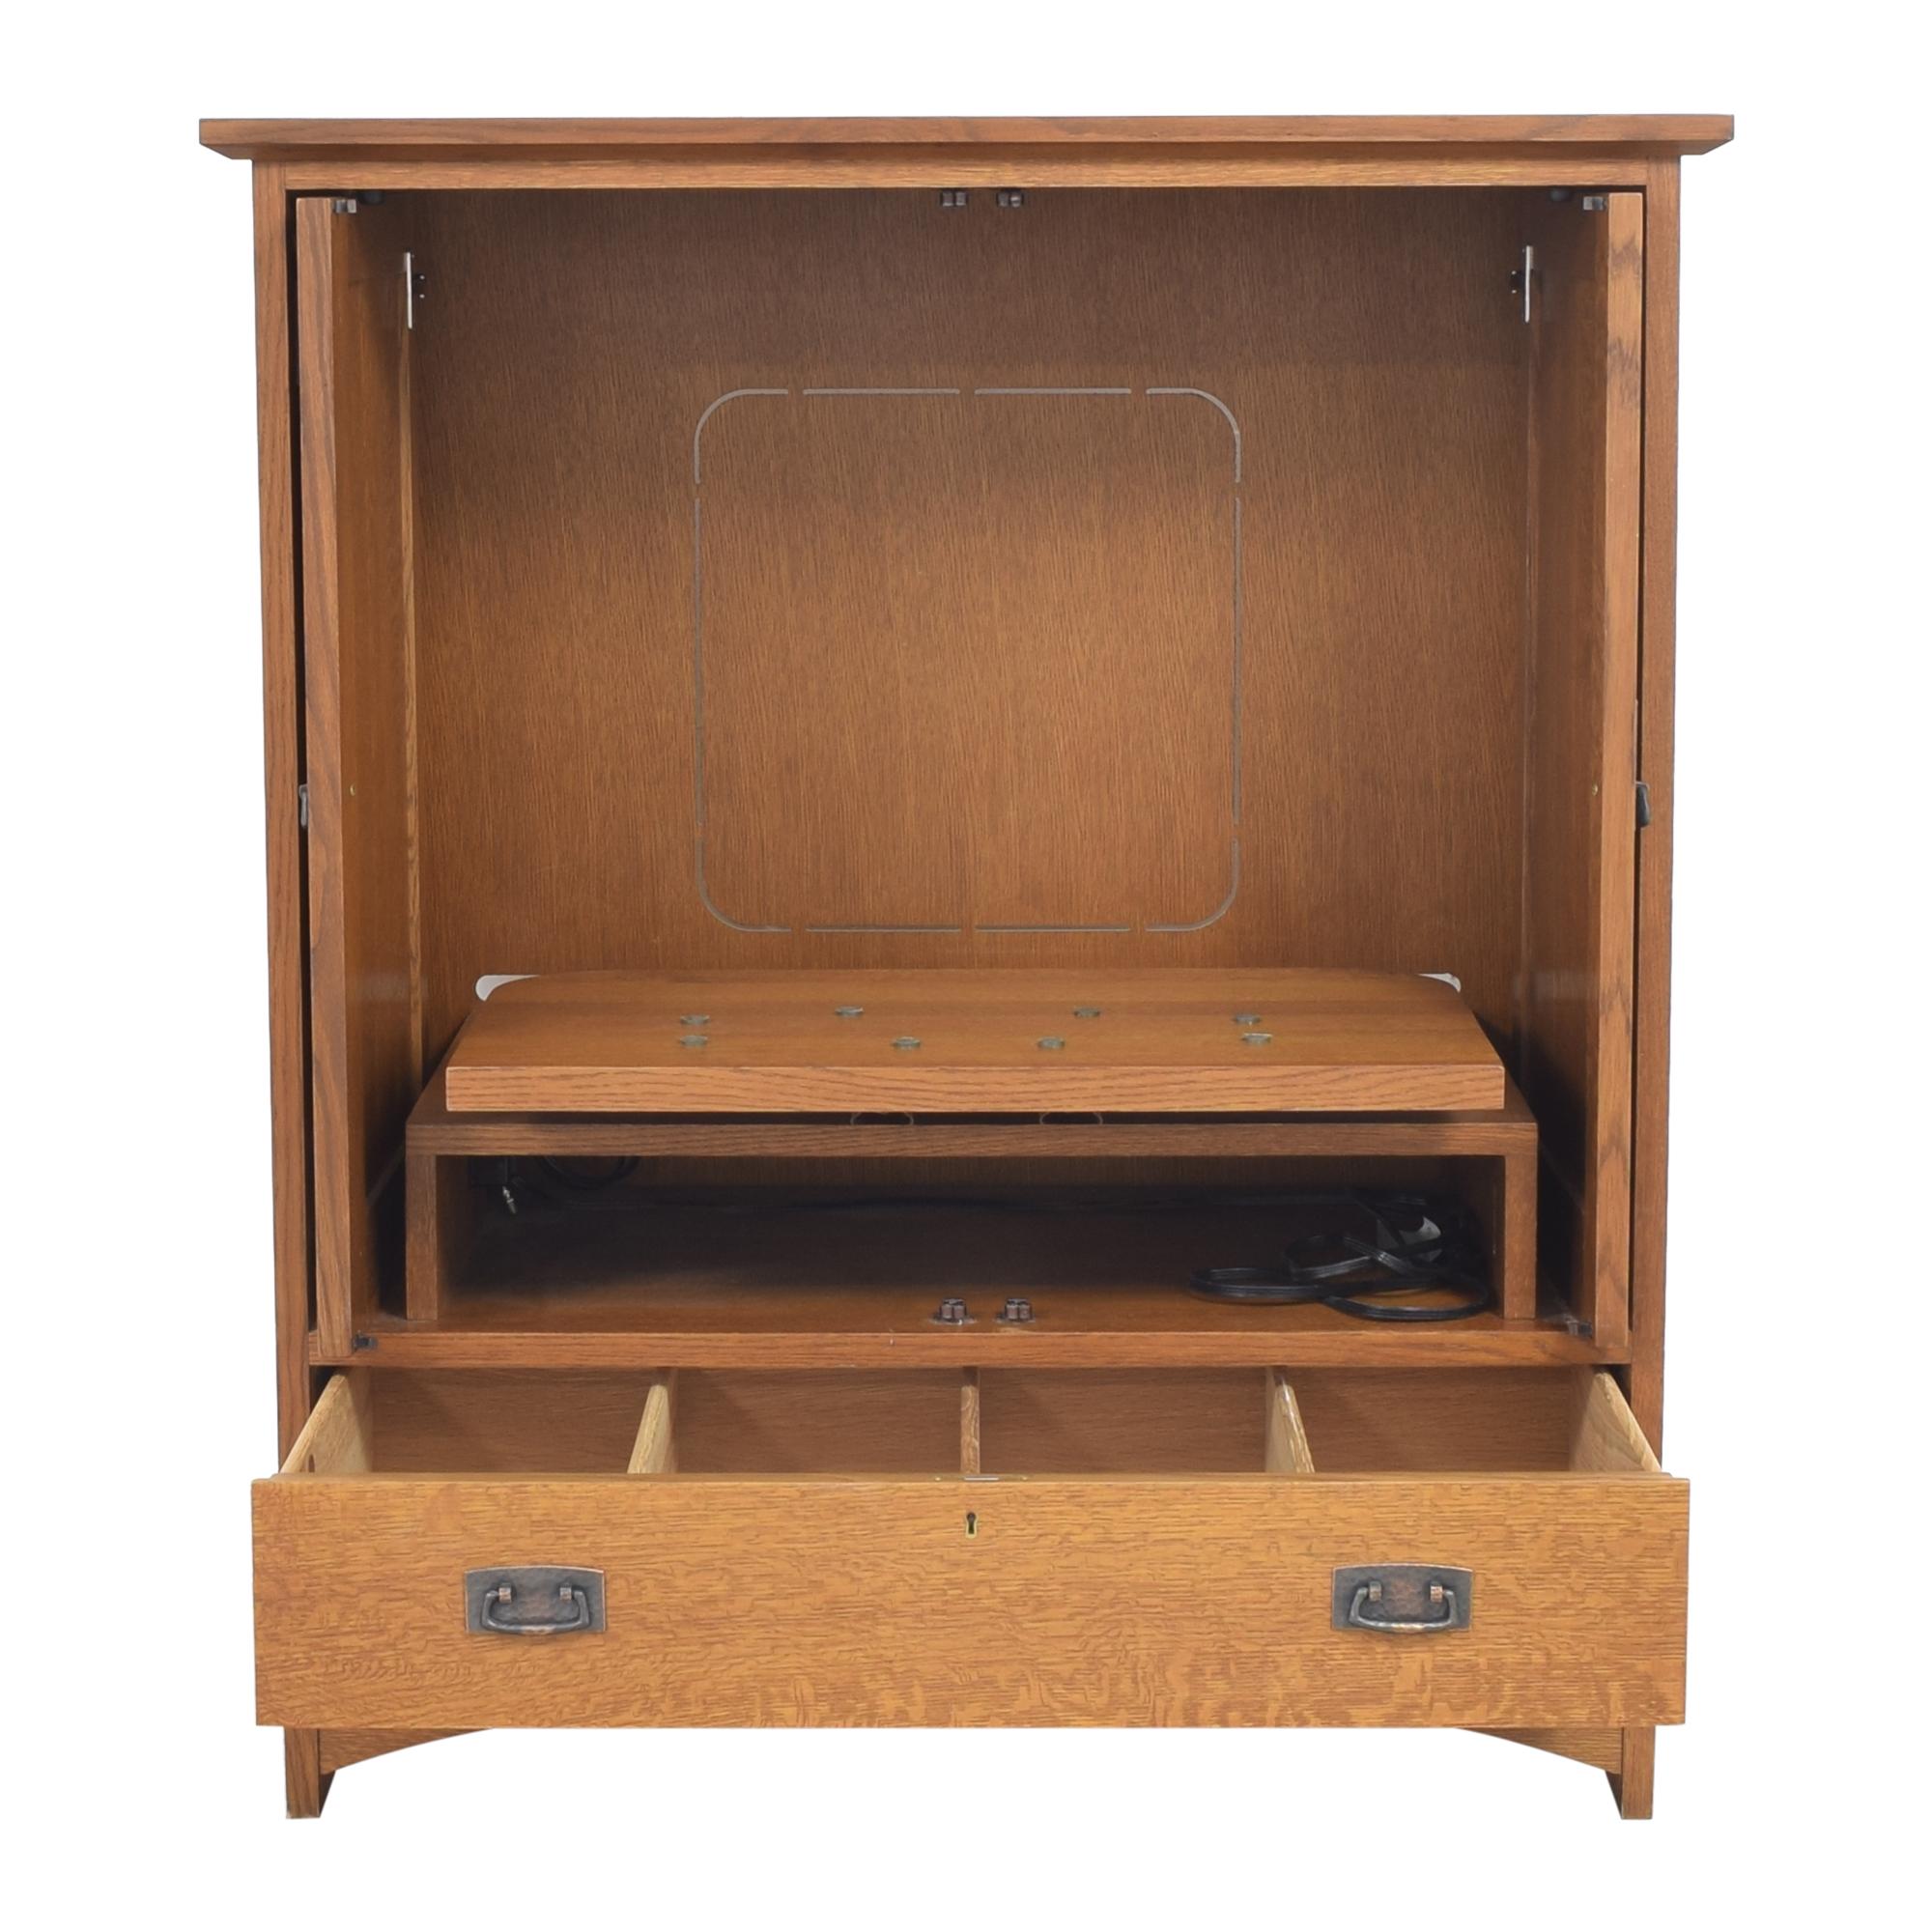 Stickley Furniture Stickley Furniture Media Cabinet dimensions